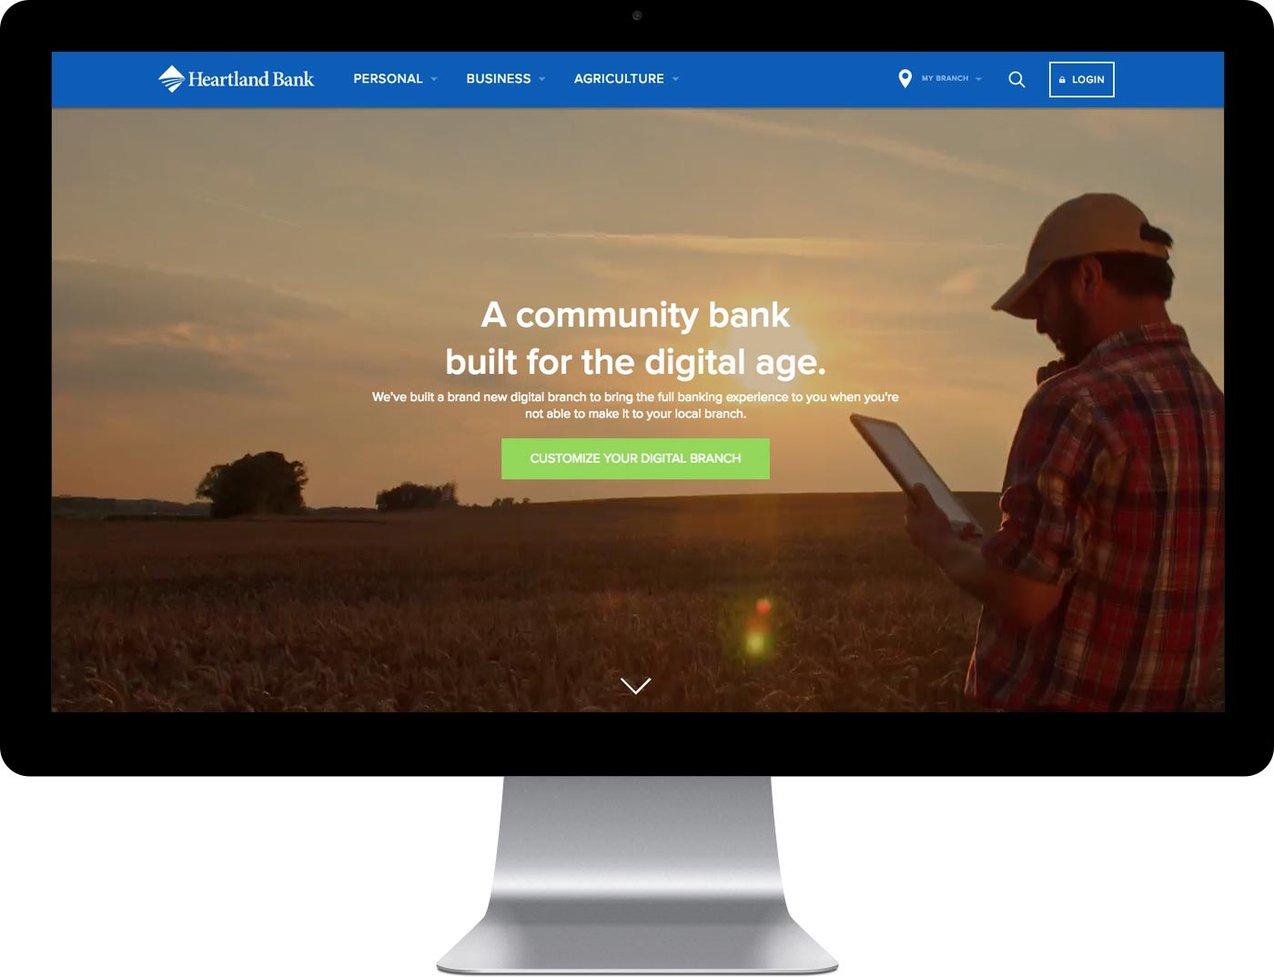 Heartland Bank website on a desktop computer